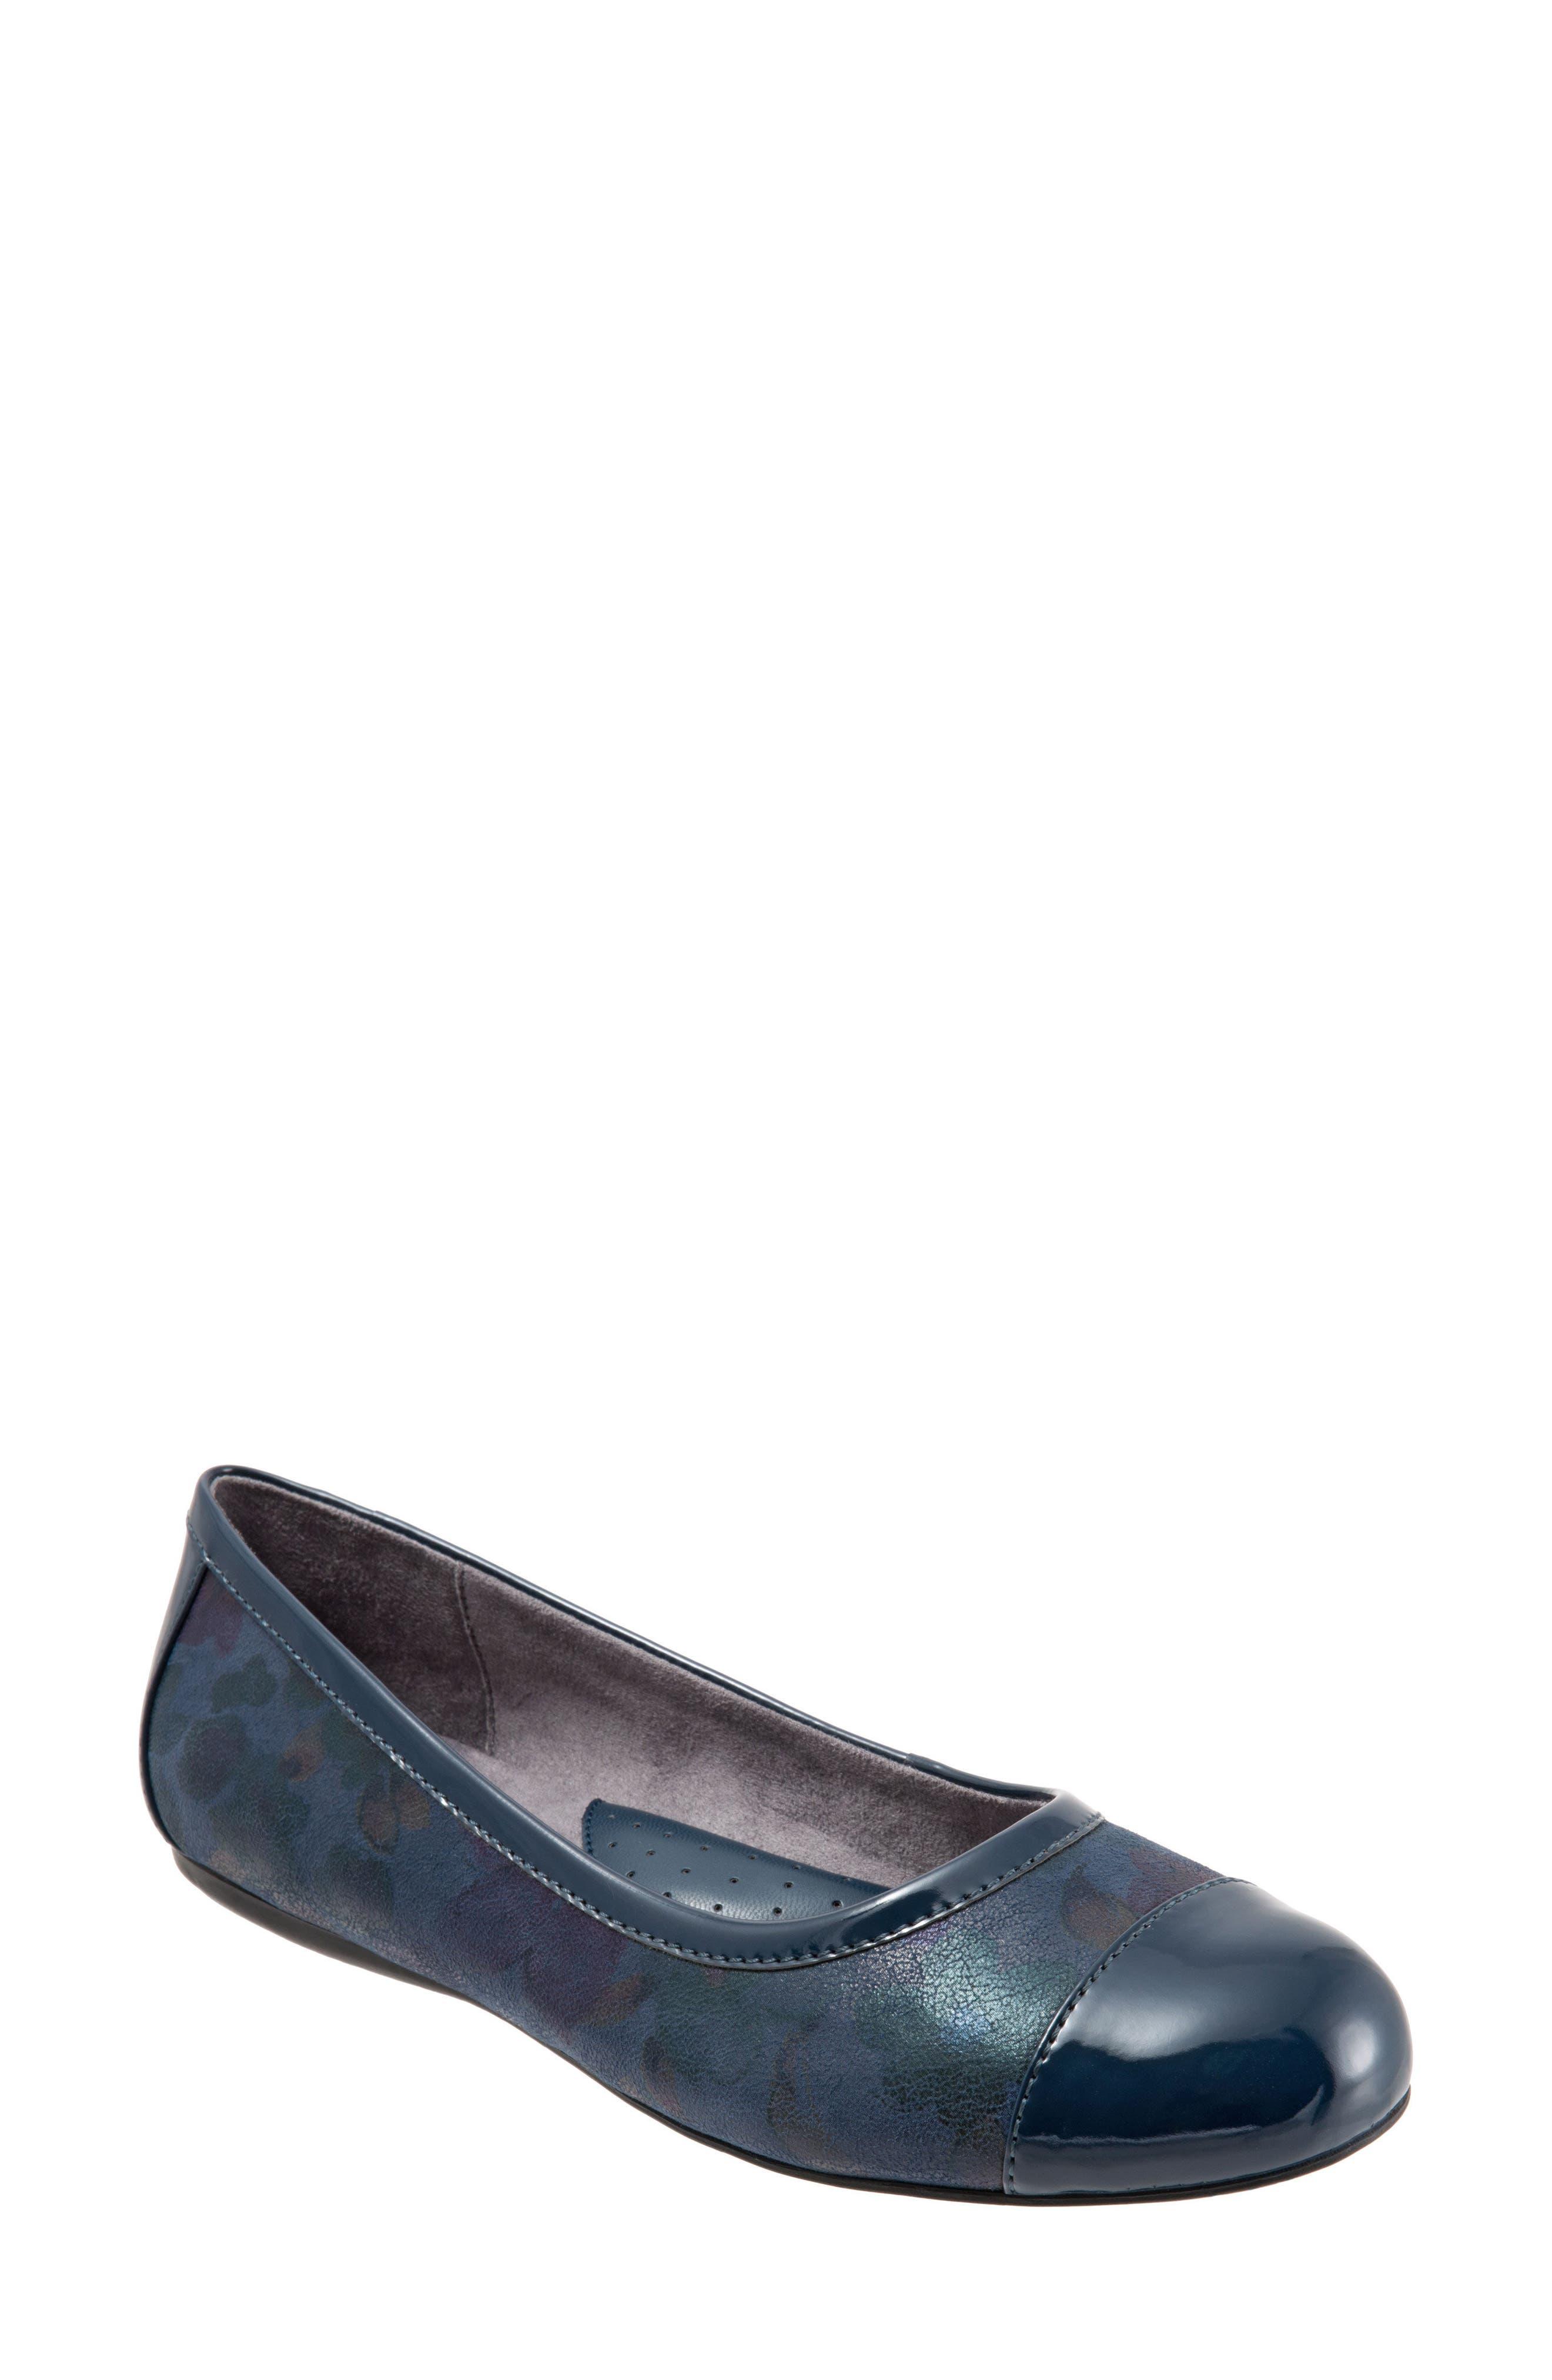 'Napa' Flat,                             Main thumbnail 1, color,                             Navy Leather